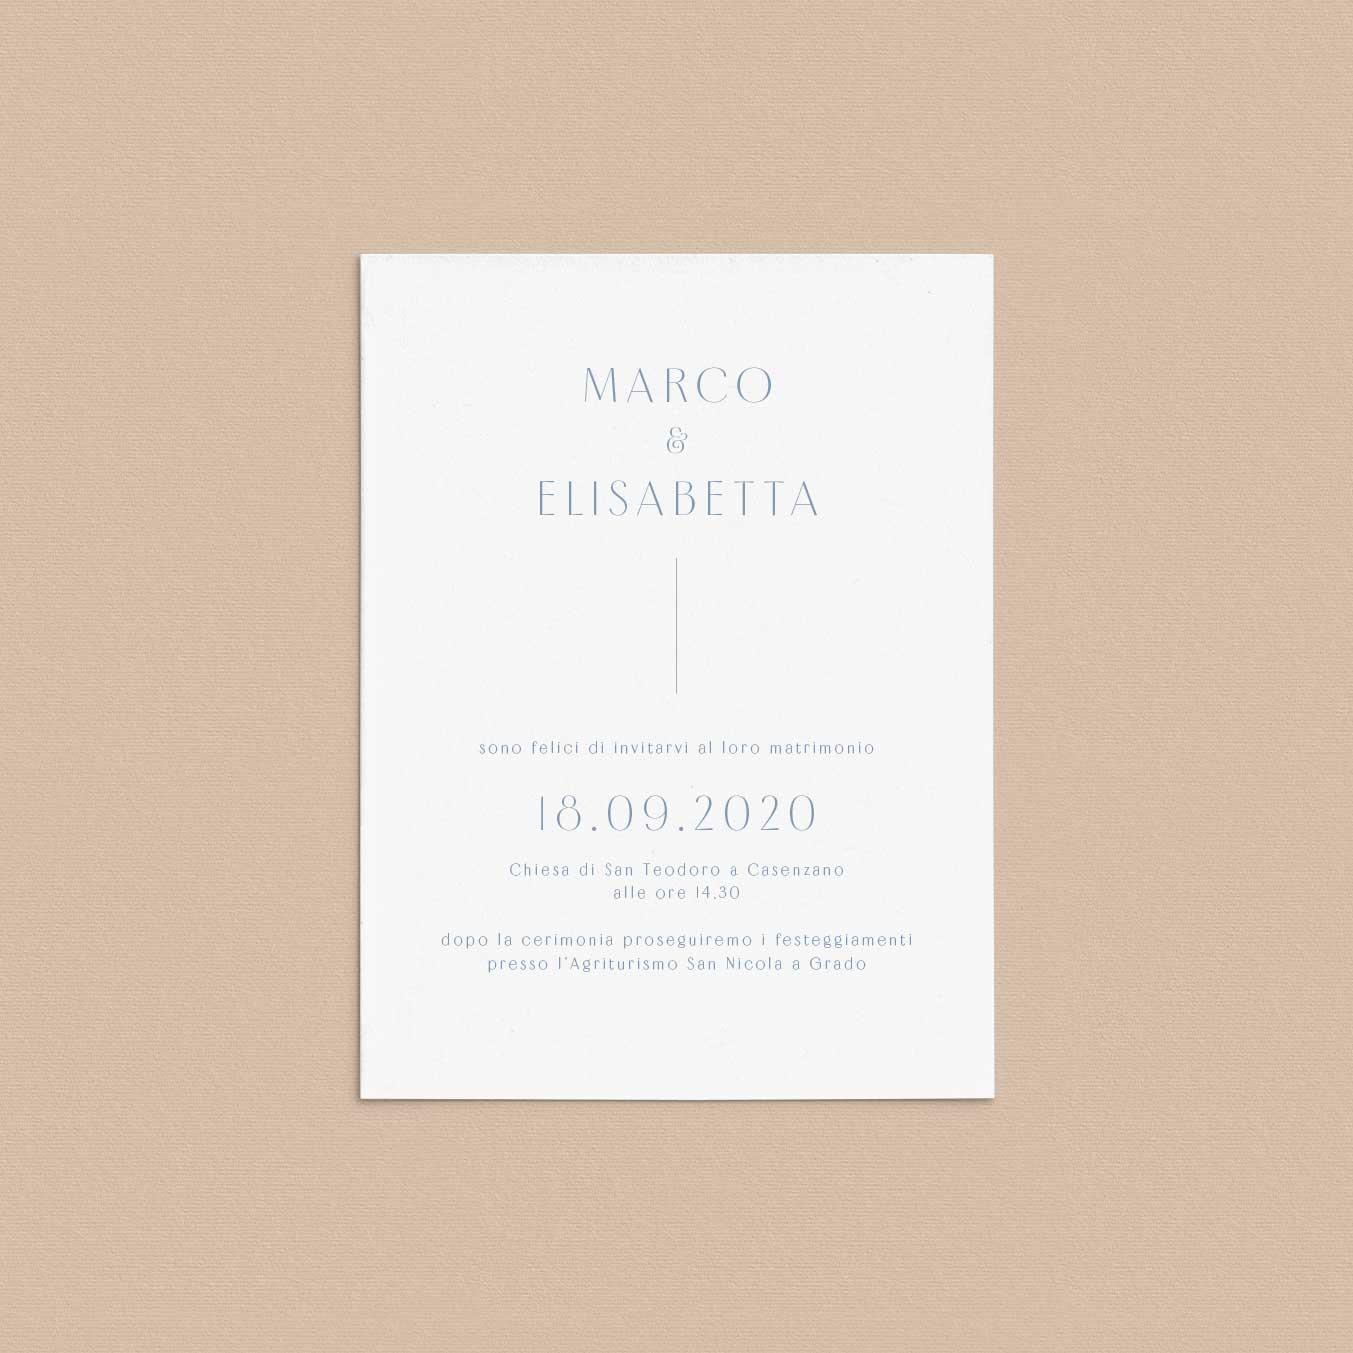 Inviti-Partecipazioni-Matrimonio-nozze-wedding-line-linea-moderne-semplici-essenziali-idee-white-carta-modelli-catalogo-eleganti